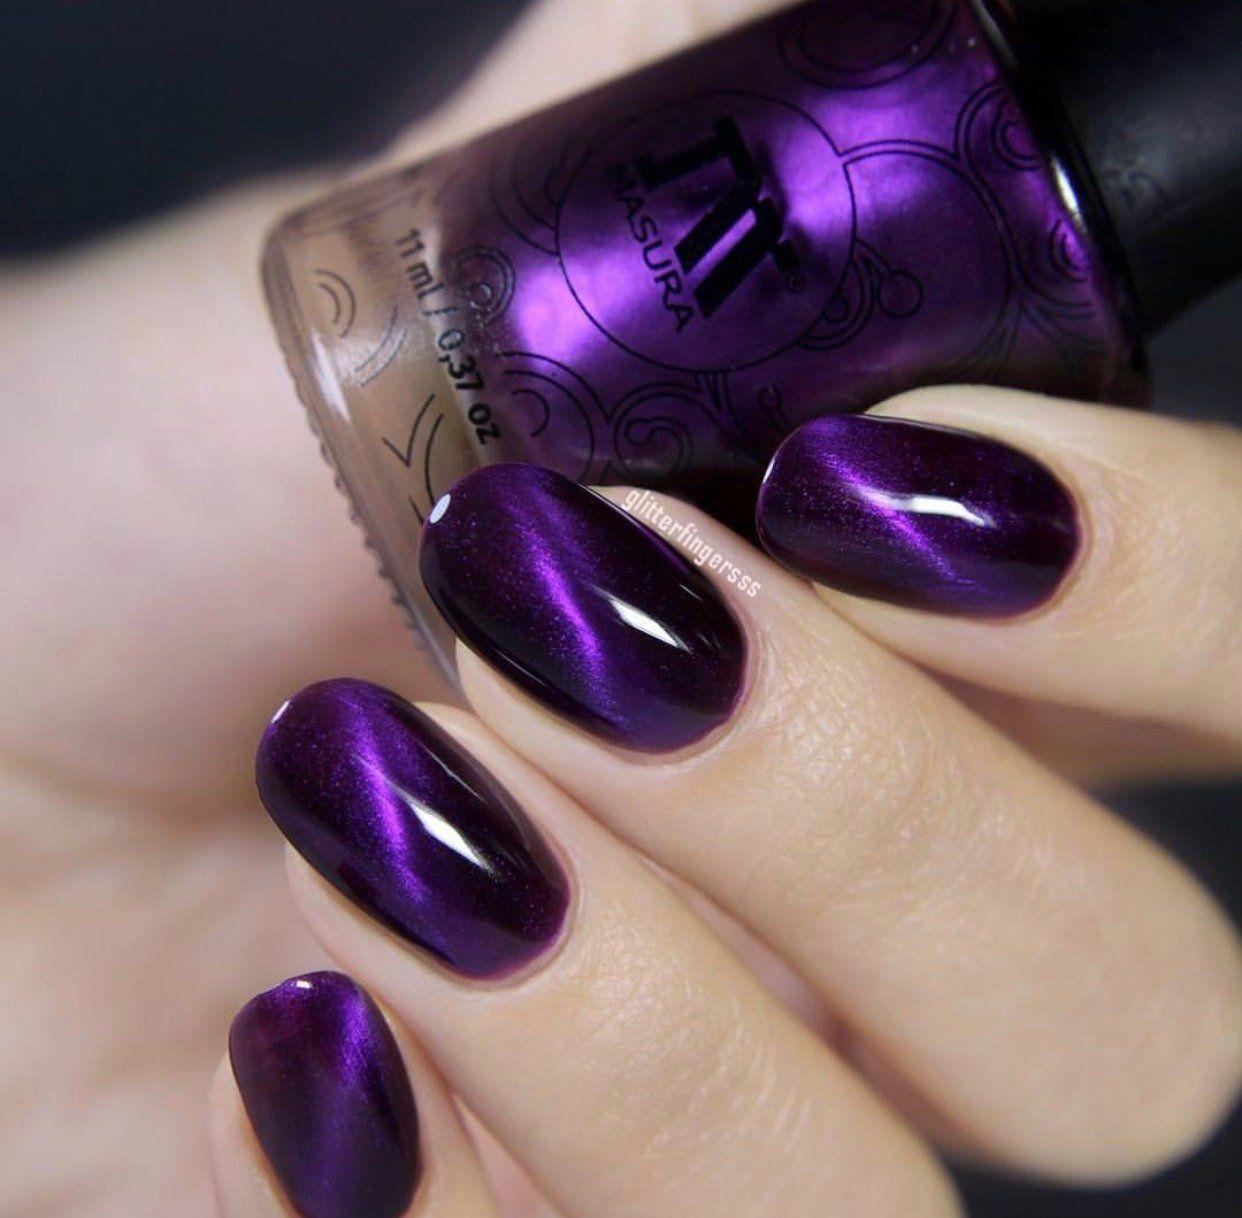 Маникюр на овальные ногти - 90 фото новинок дизайна ногтей